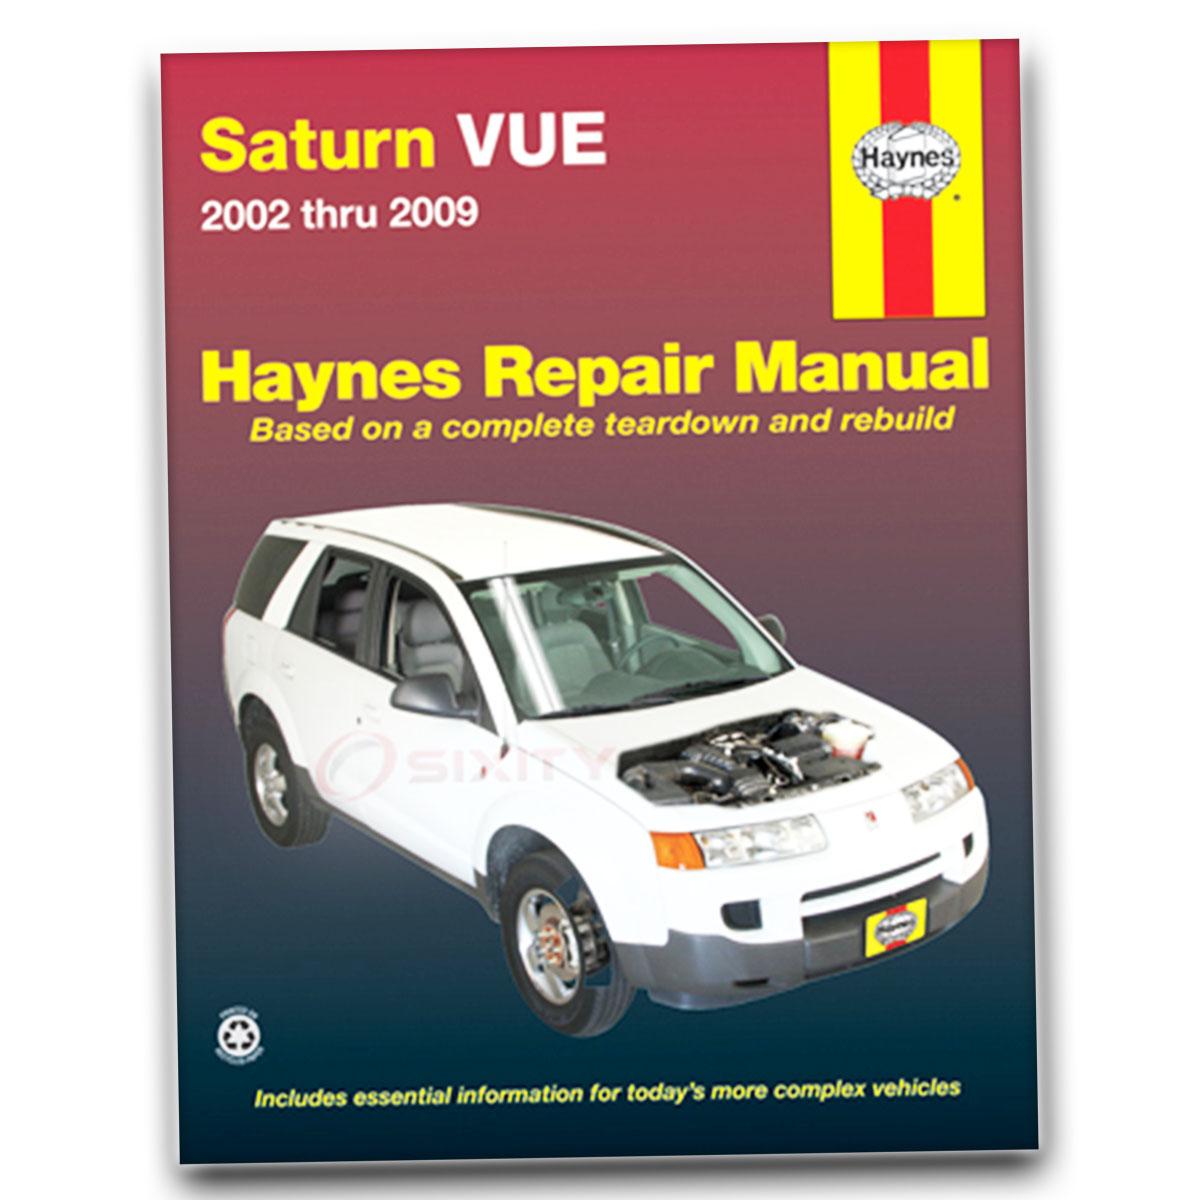 Haynes Saturn Vue 02-07 Repair Manual 87040 Shop Service Garage Book aq